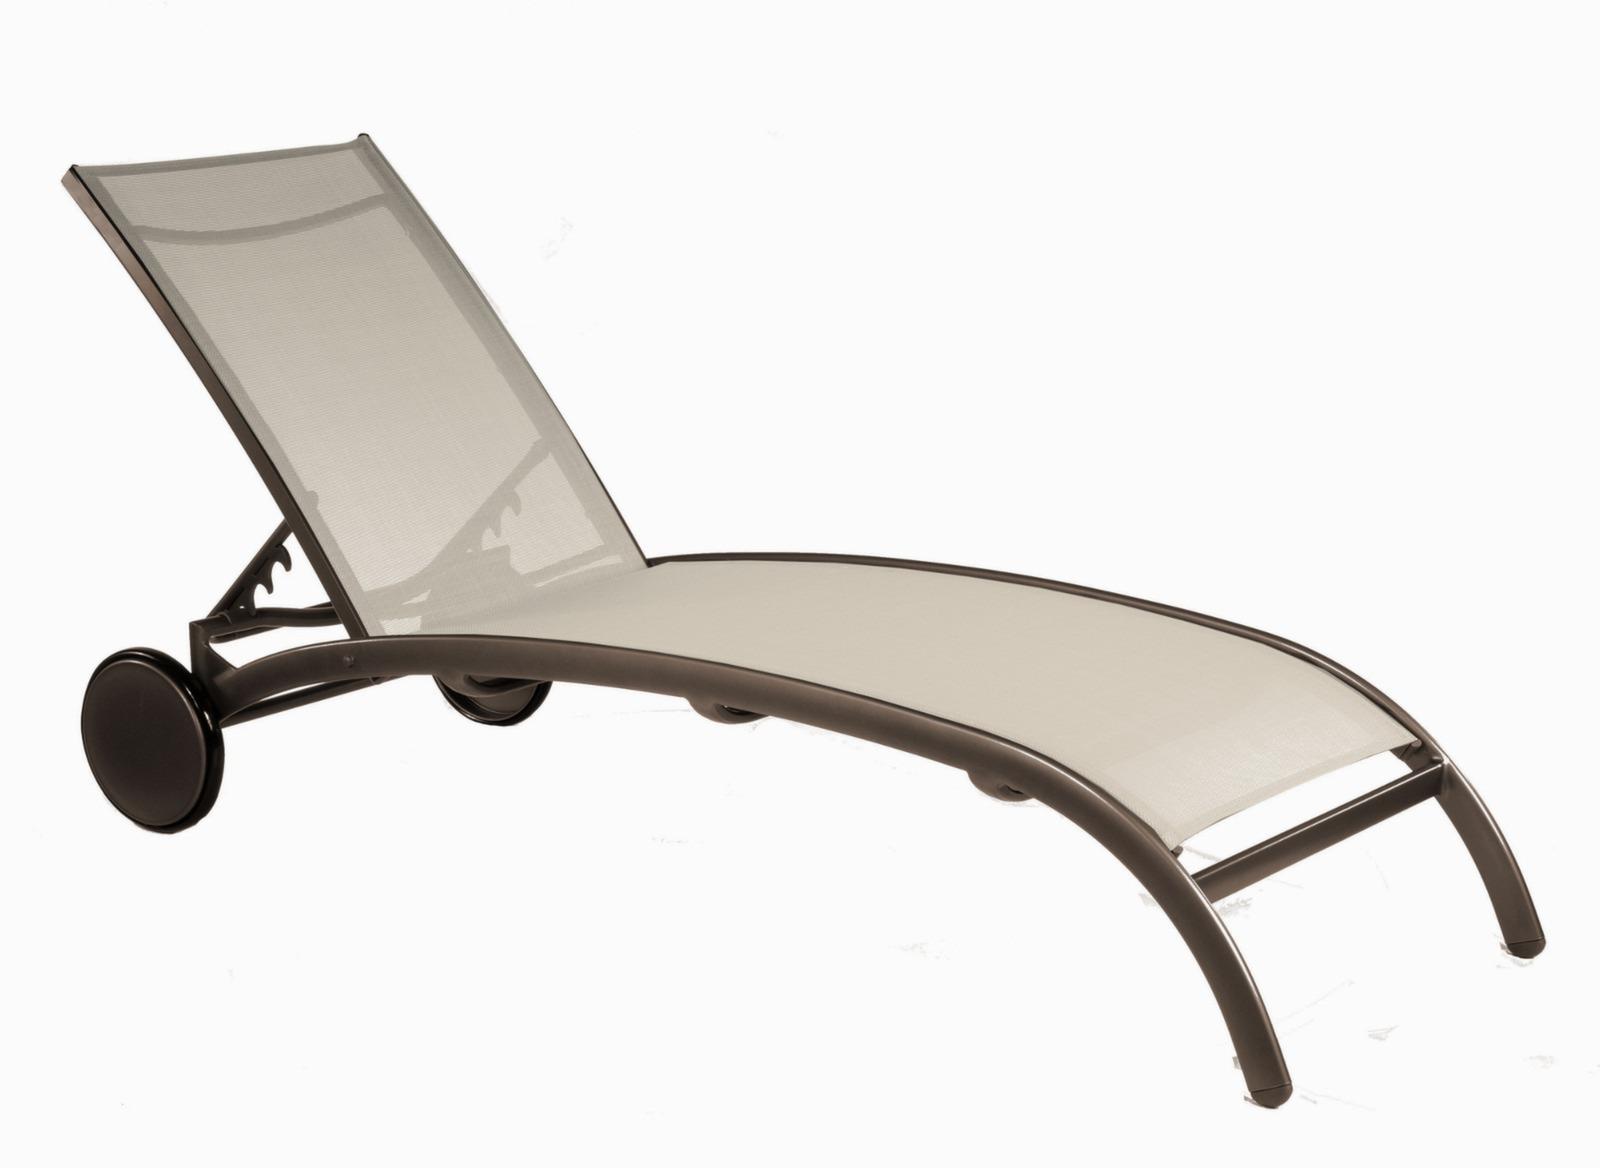 Bain de soleil stresa soldes mobilier de jardin oc o for Mobilier de jardin soldes